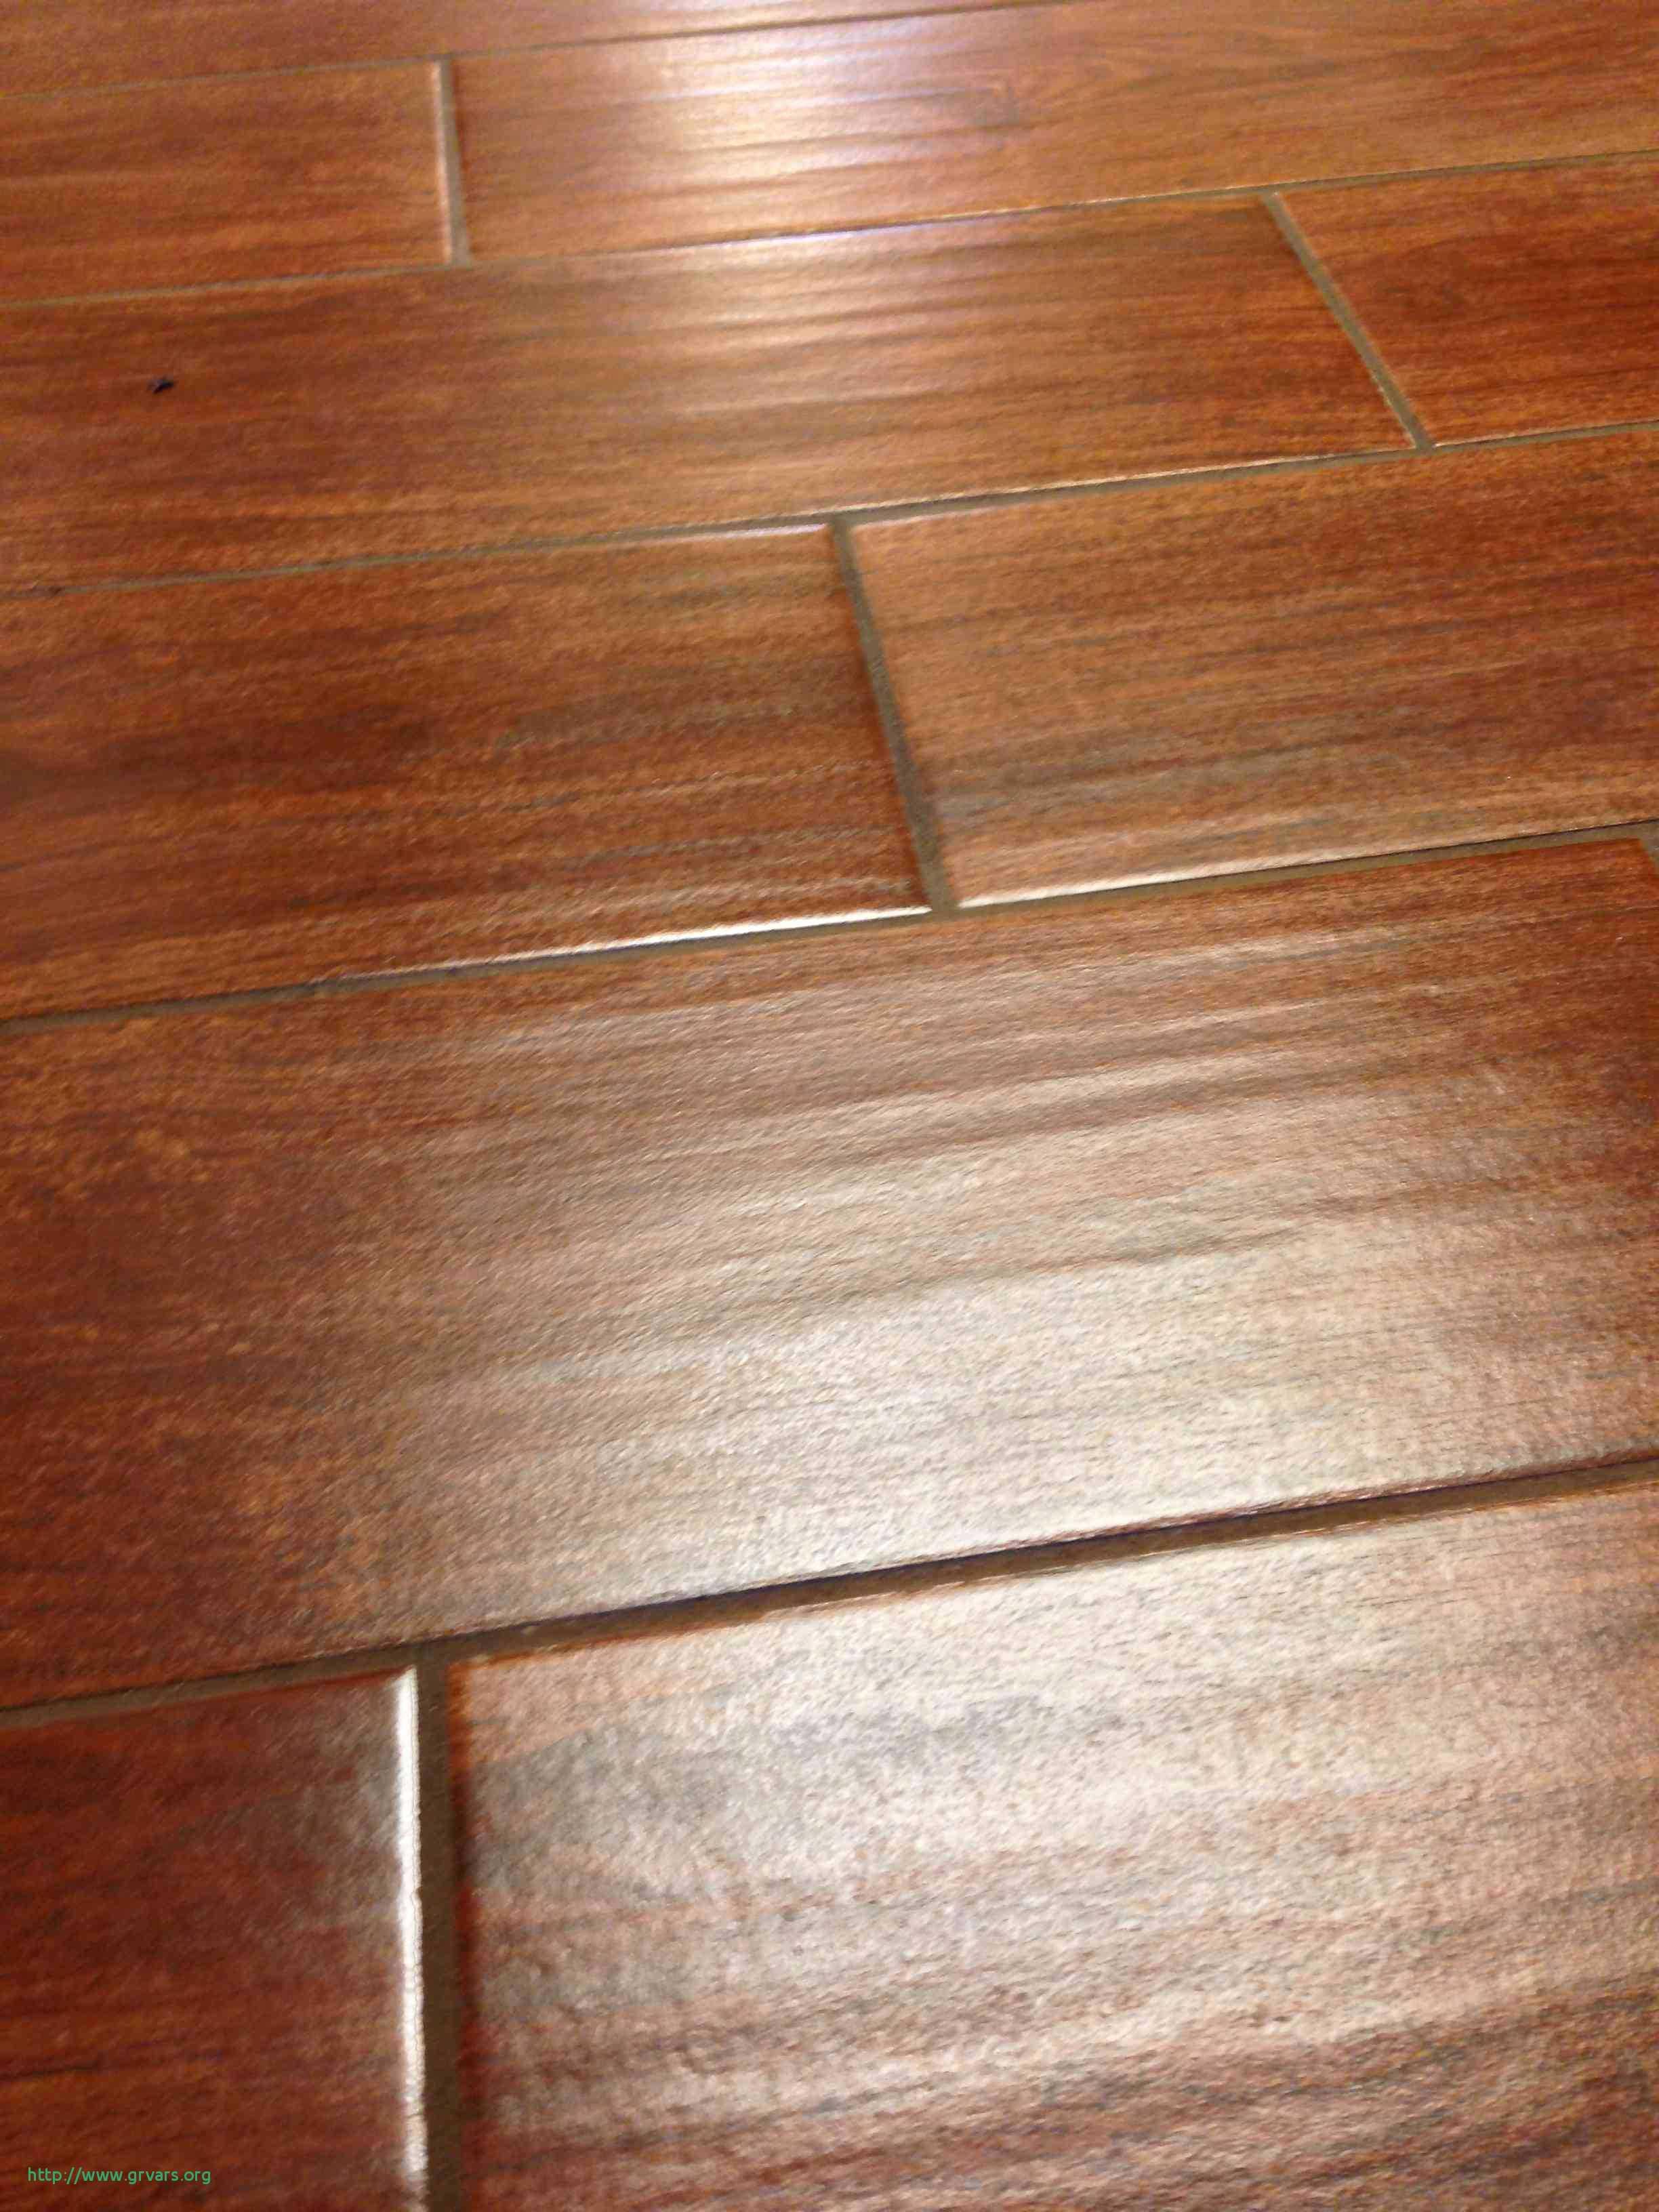 20 unique hardwood versus laminate flooring the truth - Laminate versus hardwood flooring ...